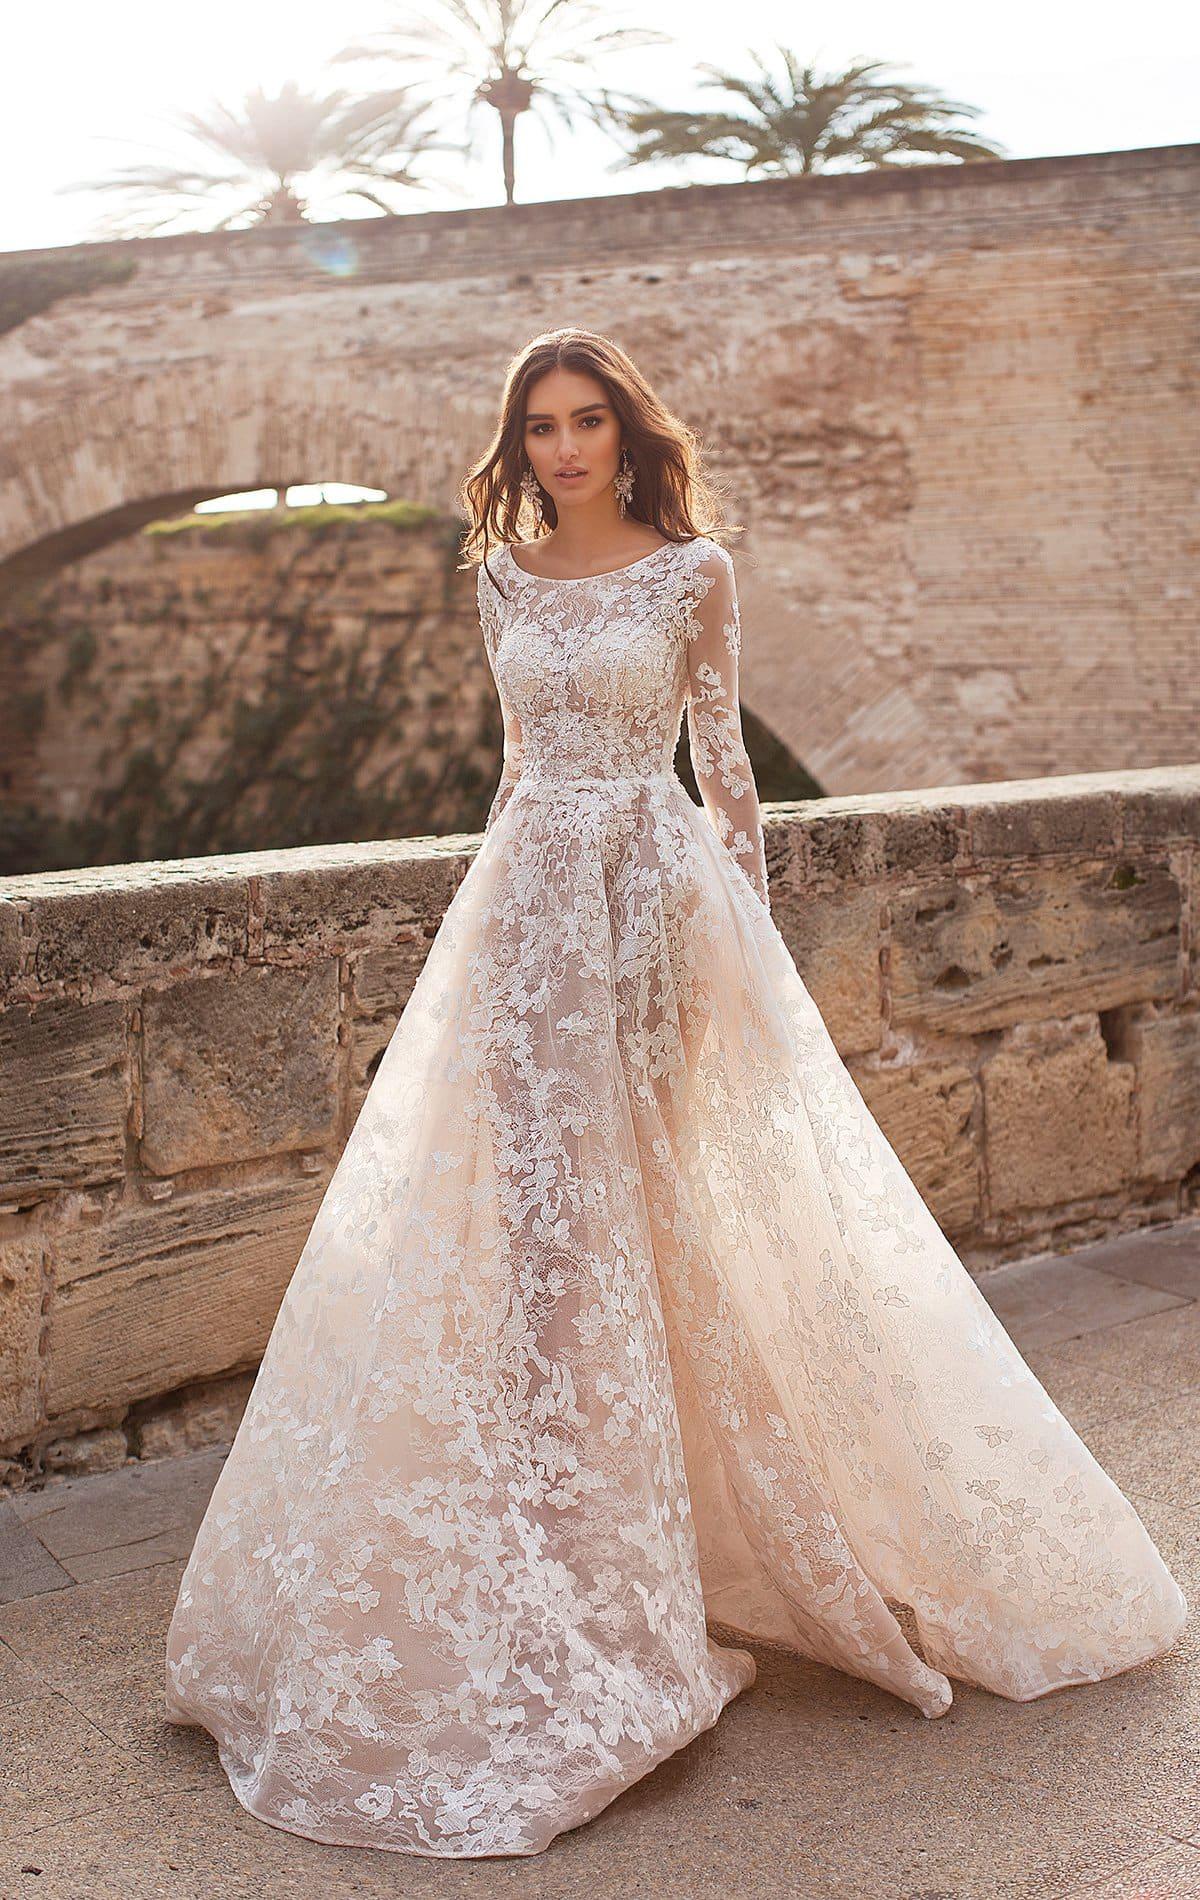 a2a8386a4c8 Кружевное платье айвори Naviblue Bridal Julya ▷ Свадебный Торговый ...